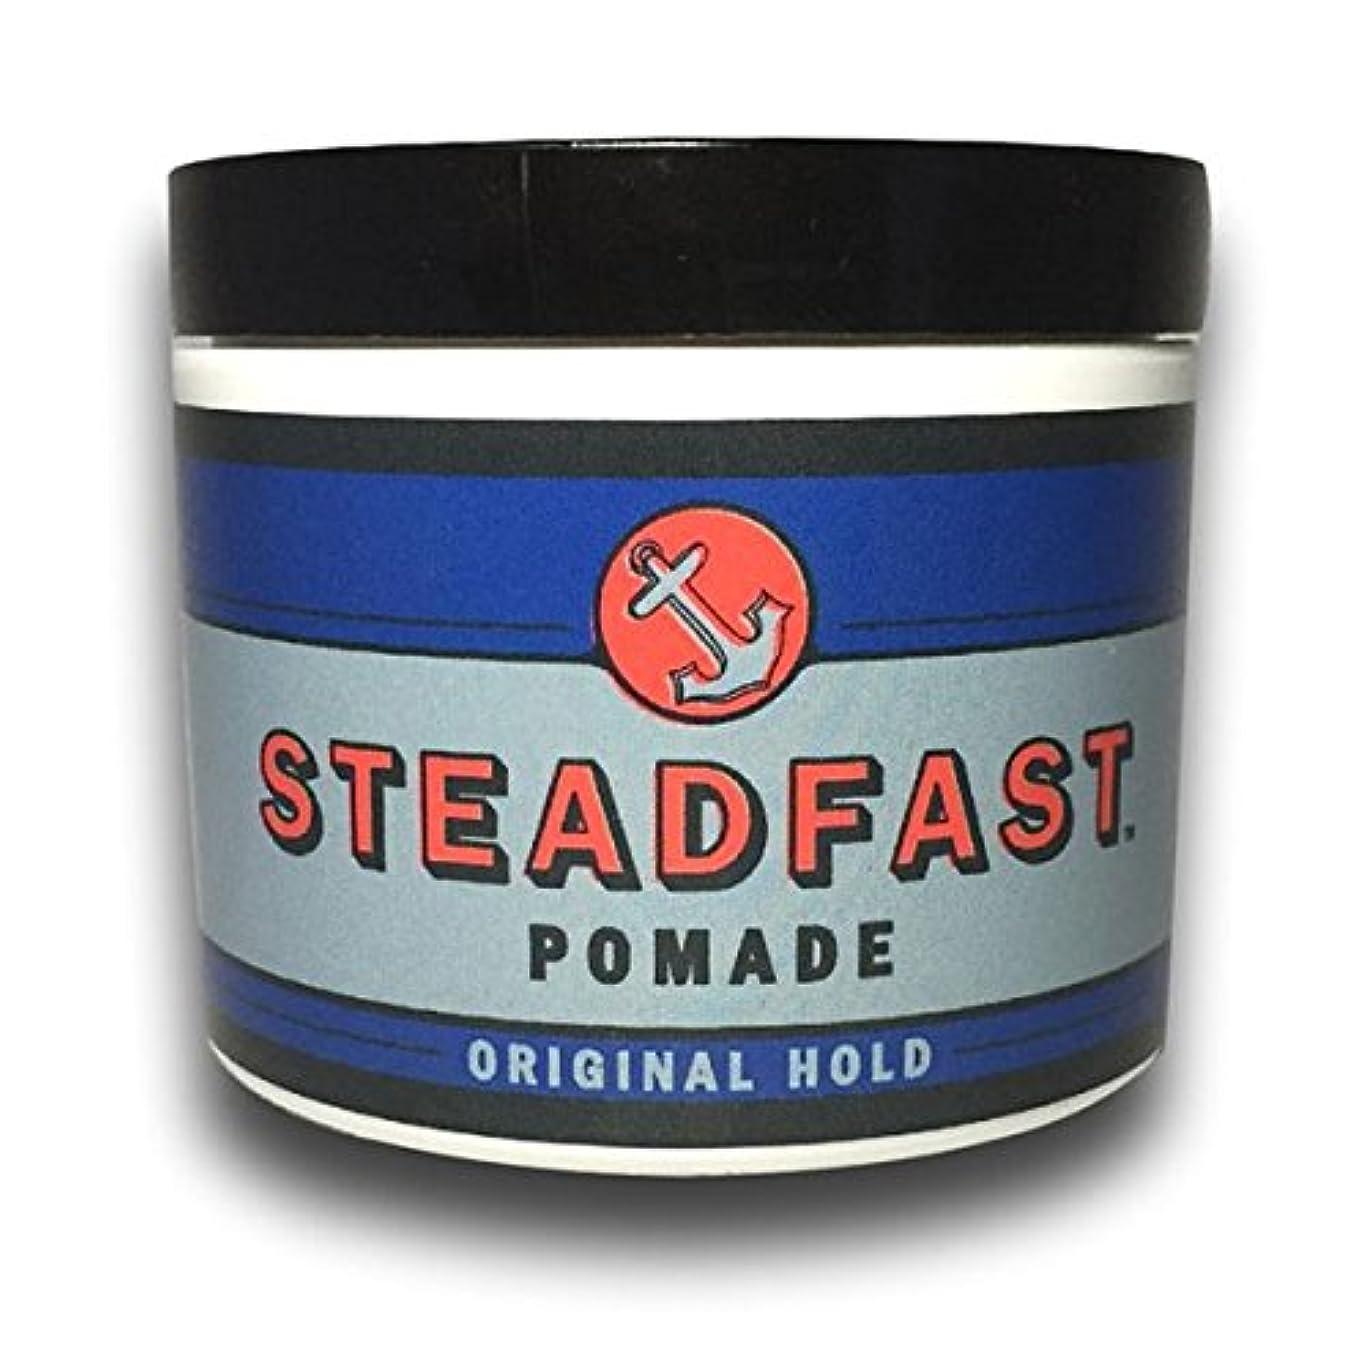 乏しいなんでも予防接種【Steadfast Pomade】 ステッドファスト ポマード 【Original Hold】 水性ポマード オリジナルホールド 4oz(113.39g) MADE IN U.S.A